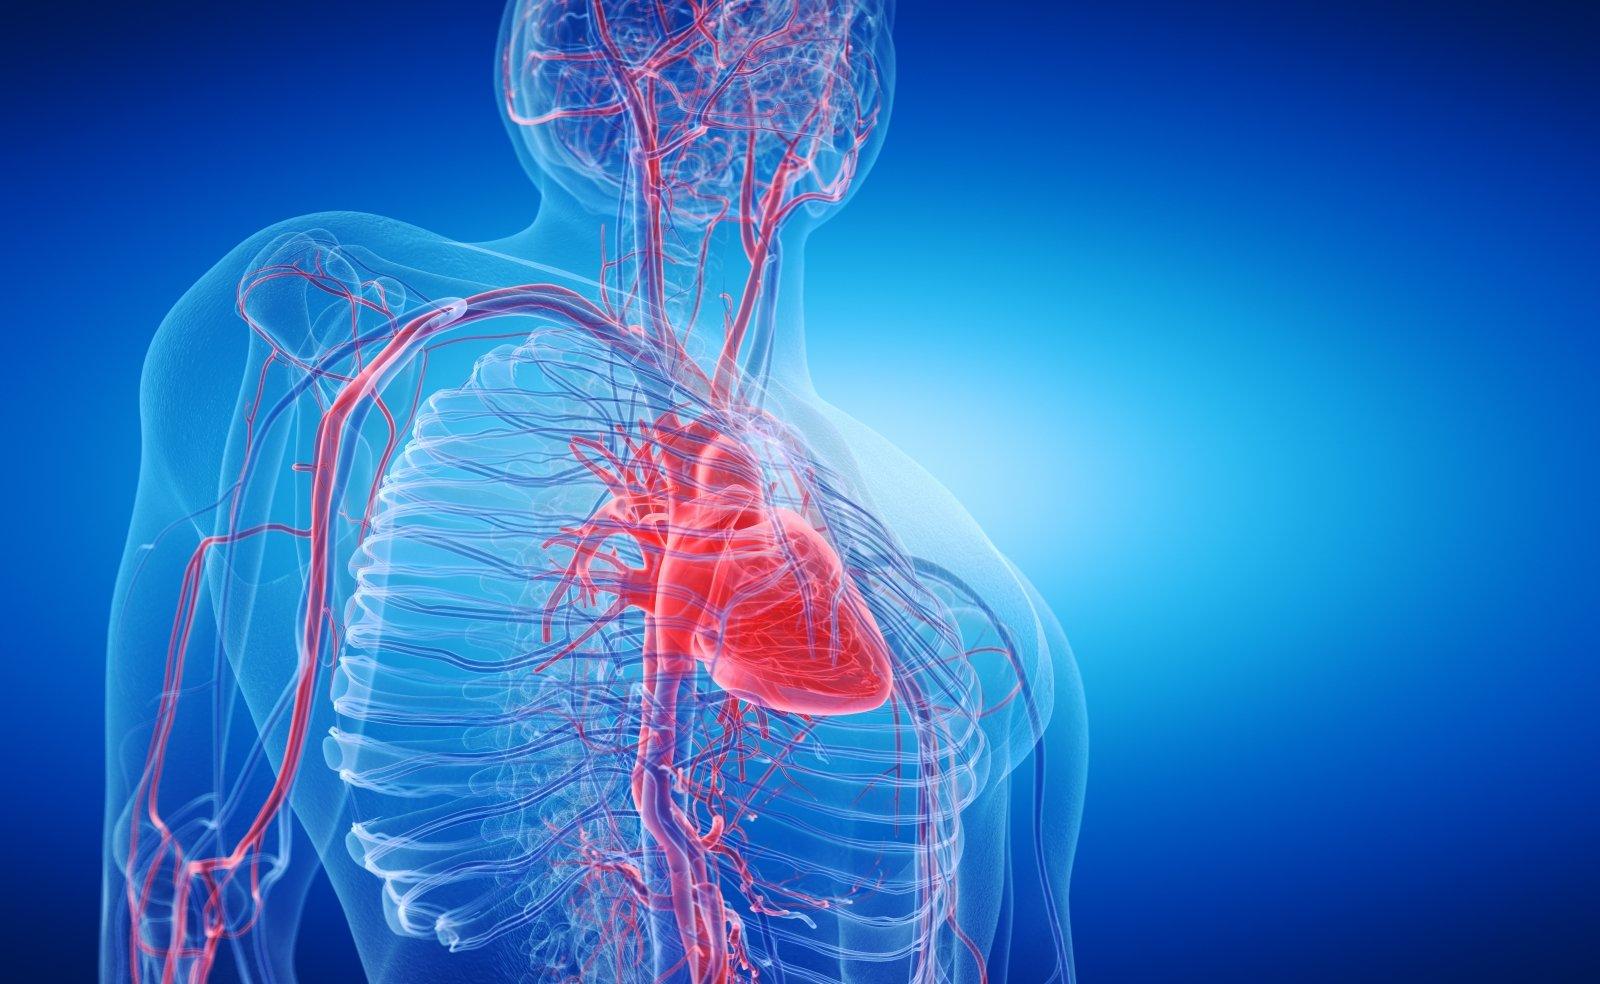 kurioje šalyje gydyti hipertenziją sočiųjų riebalų širdies sveikata